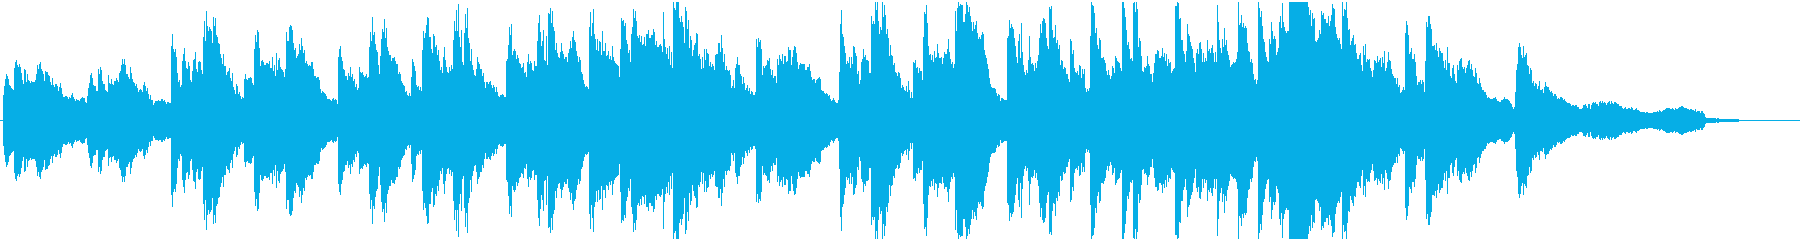 企業VP53 16bit48kHzVerの再生済みの波形